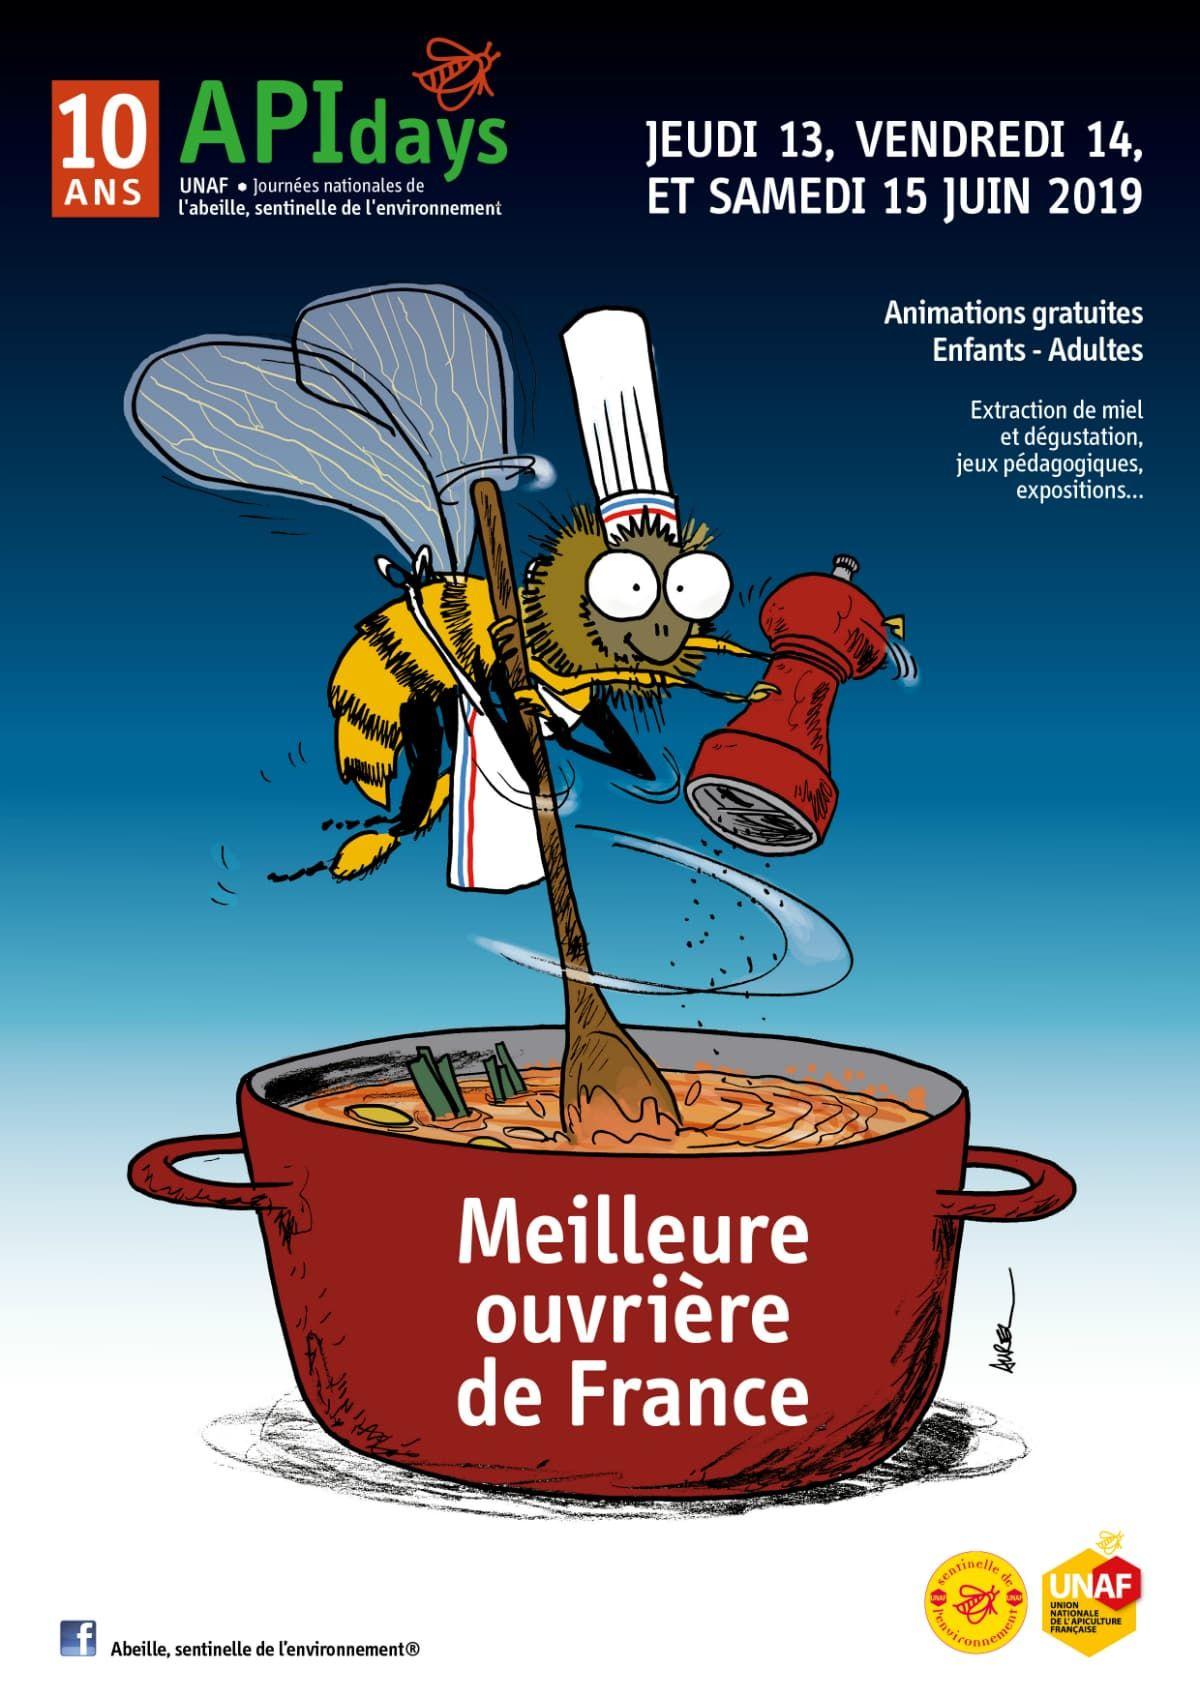 Journées Nationales de l'Abeille - Visites, Extractions, Dégustations & Ateliers de Fabrication Gratuits (abeillesentinelle.net)